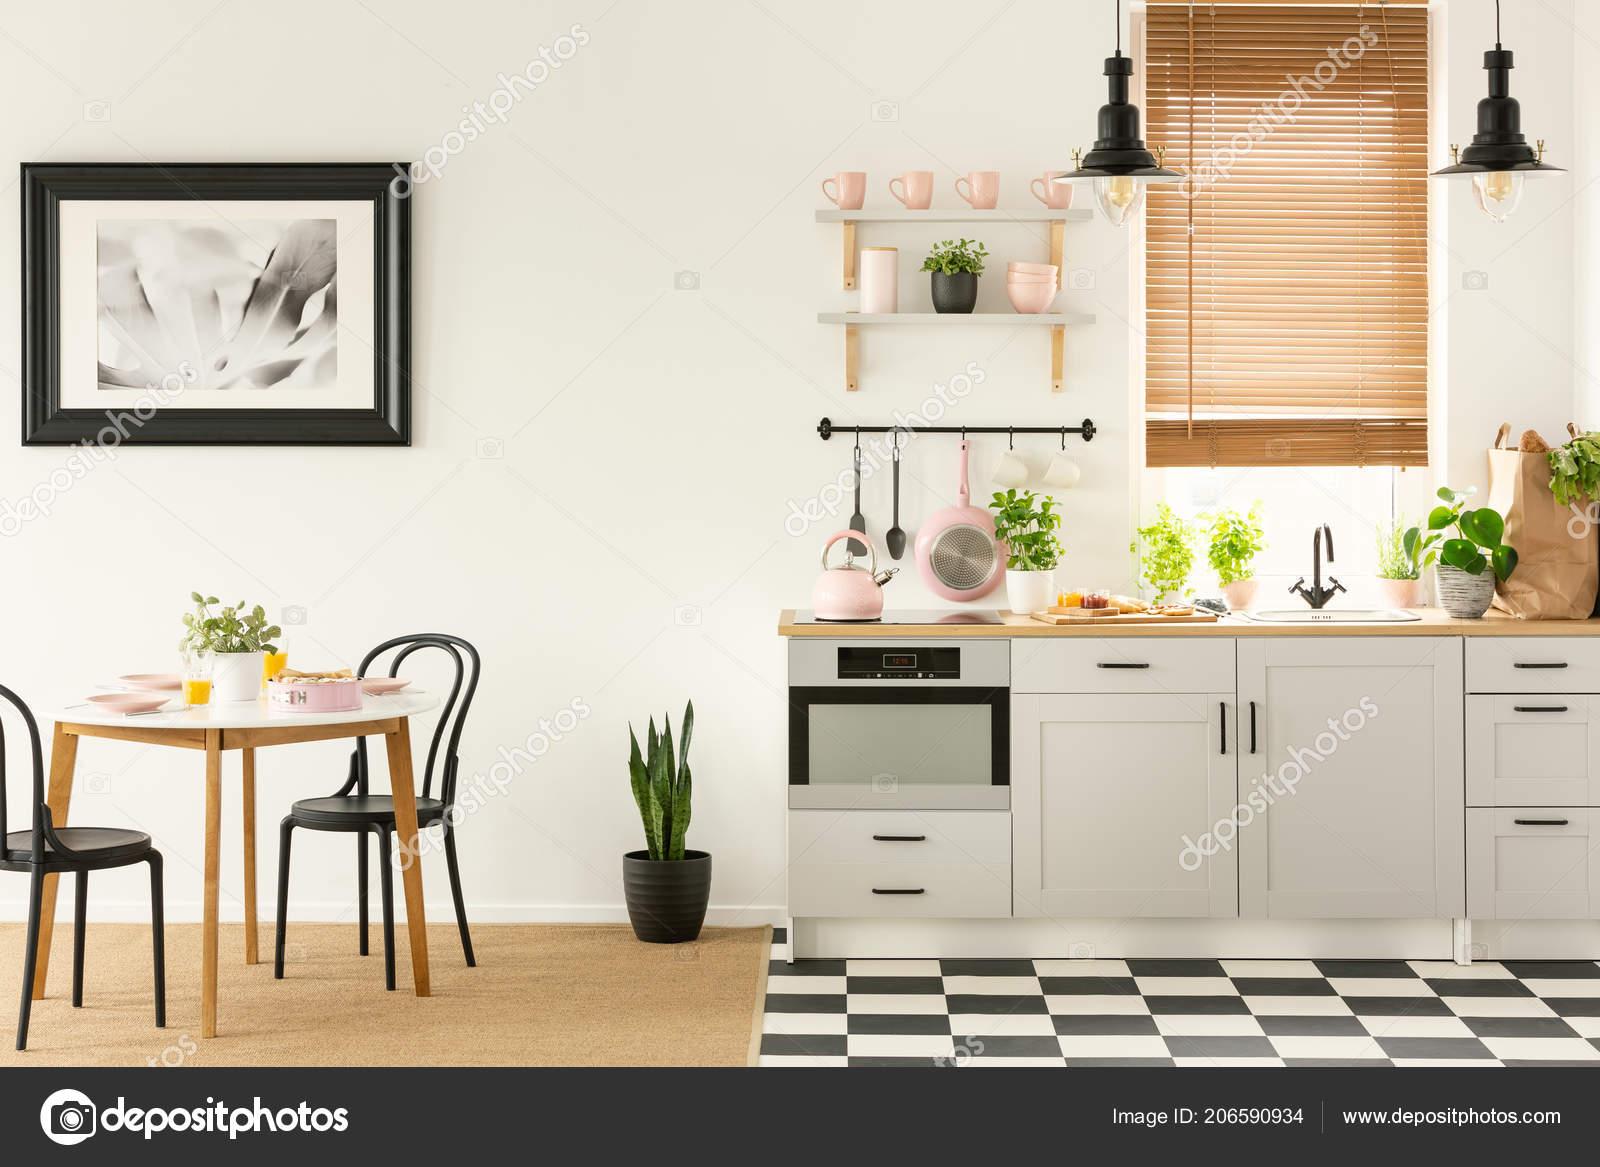 Foto reale una cucina open space sala pranzo con piastrelle u foto